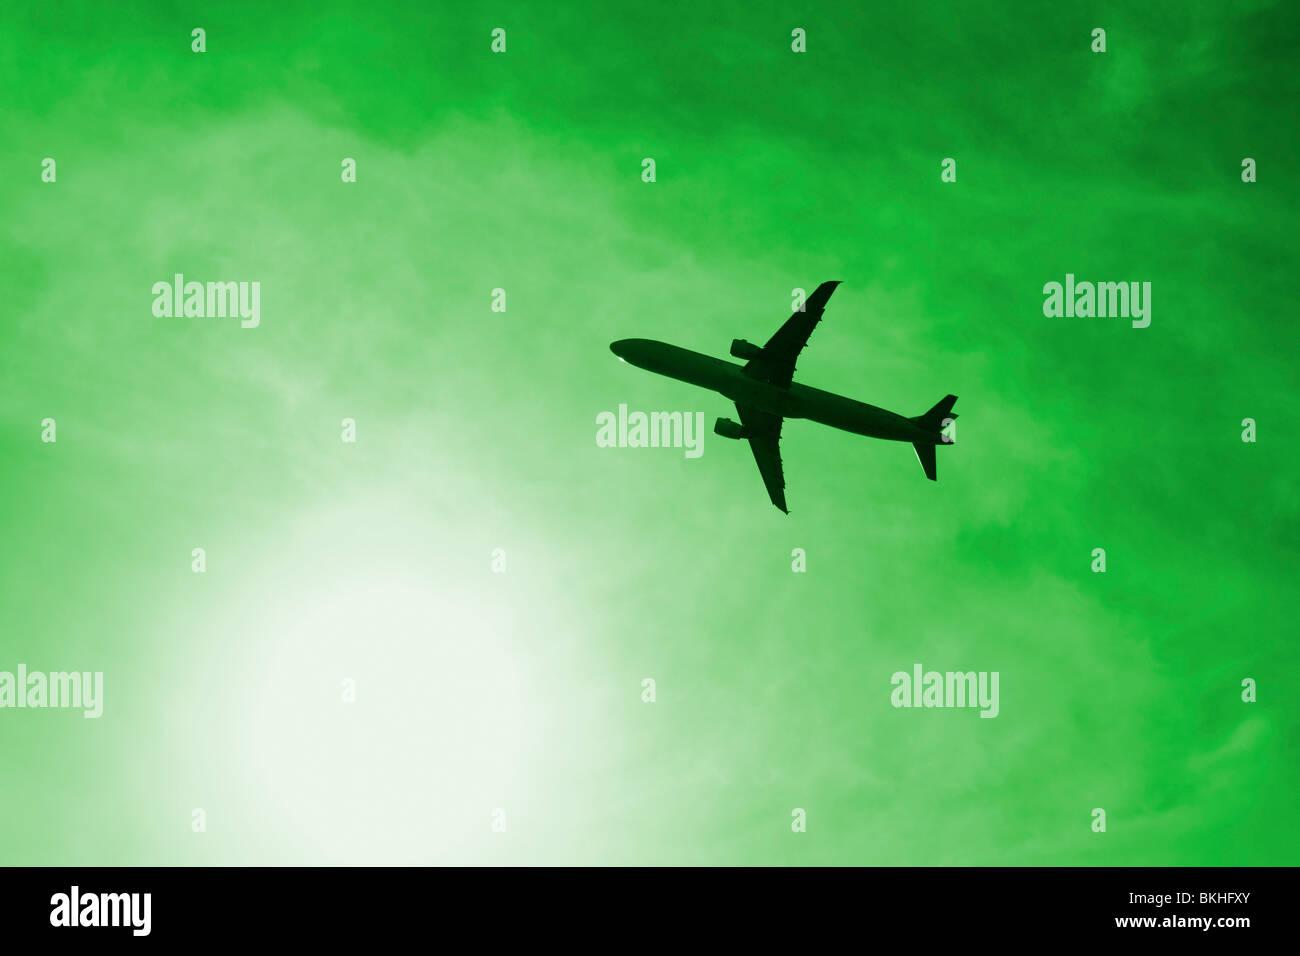 Avion près de sun contre ciel vert. Pourrait être utilisé pour représenter la pollution, les Photo Stock